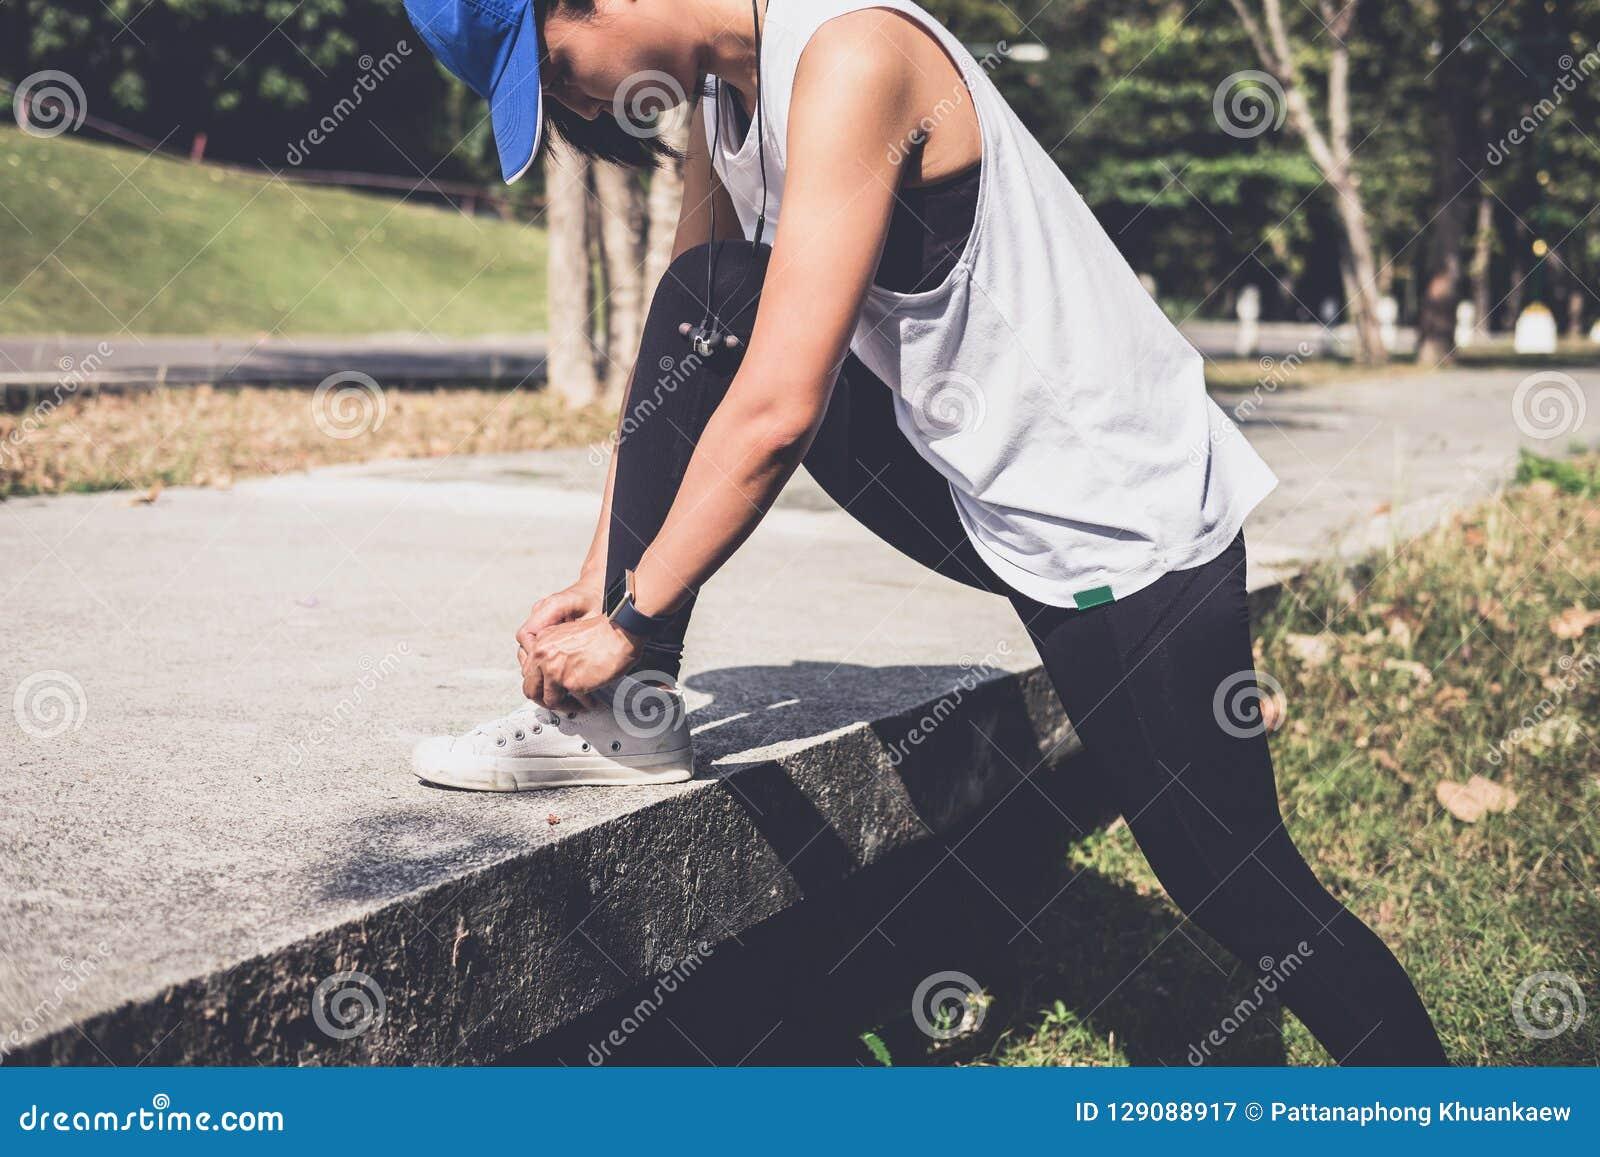 健康生活方式,栓跑鞋的赛跑者准备好为